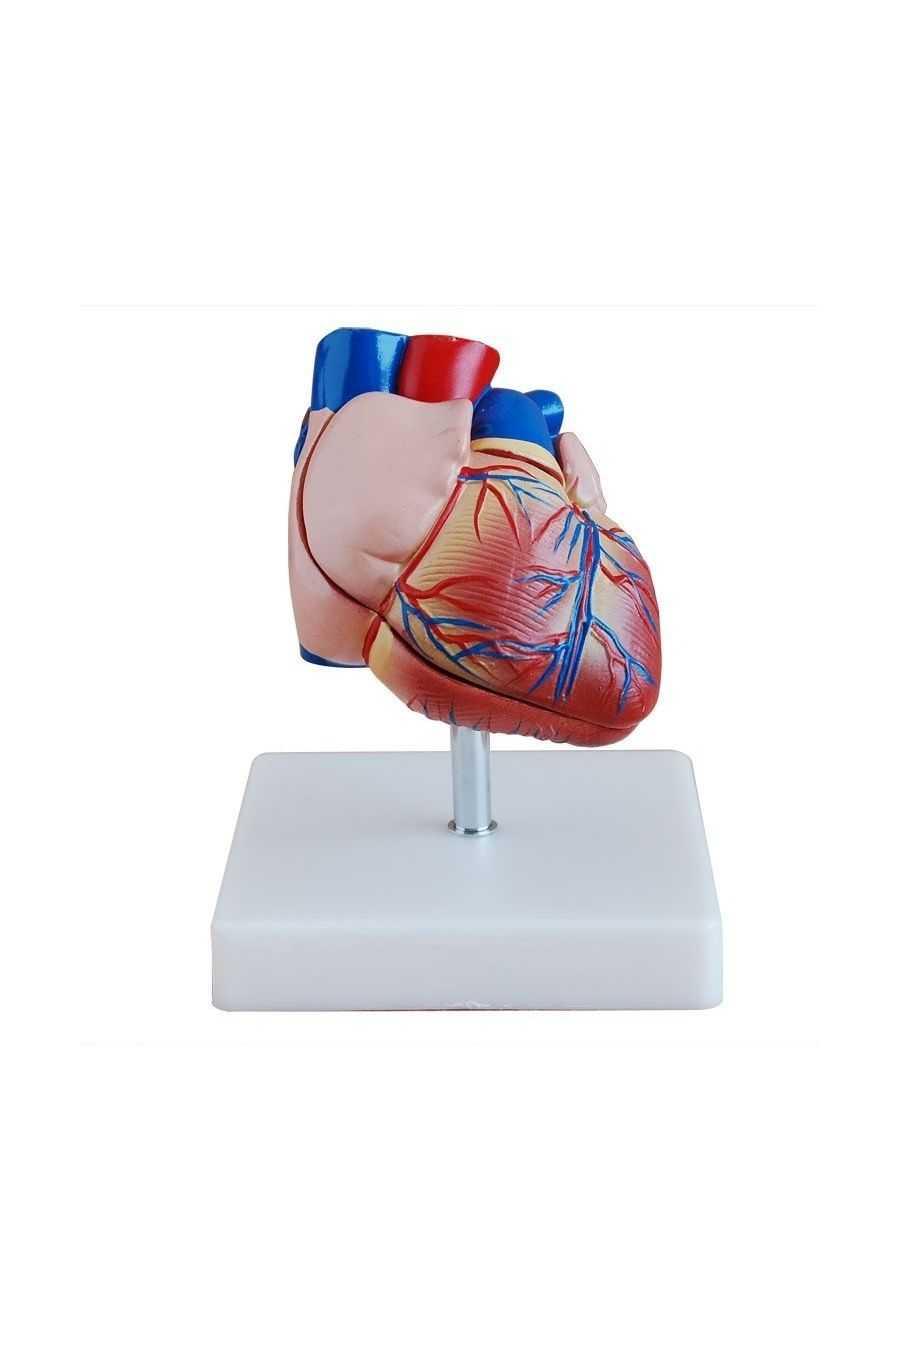 Corazón Humano a Escala. Librería Médica Orizaba